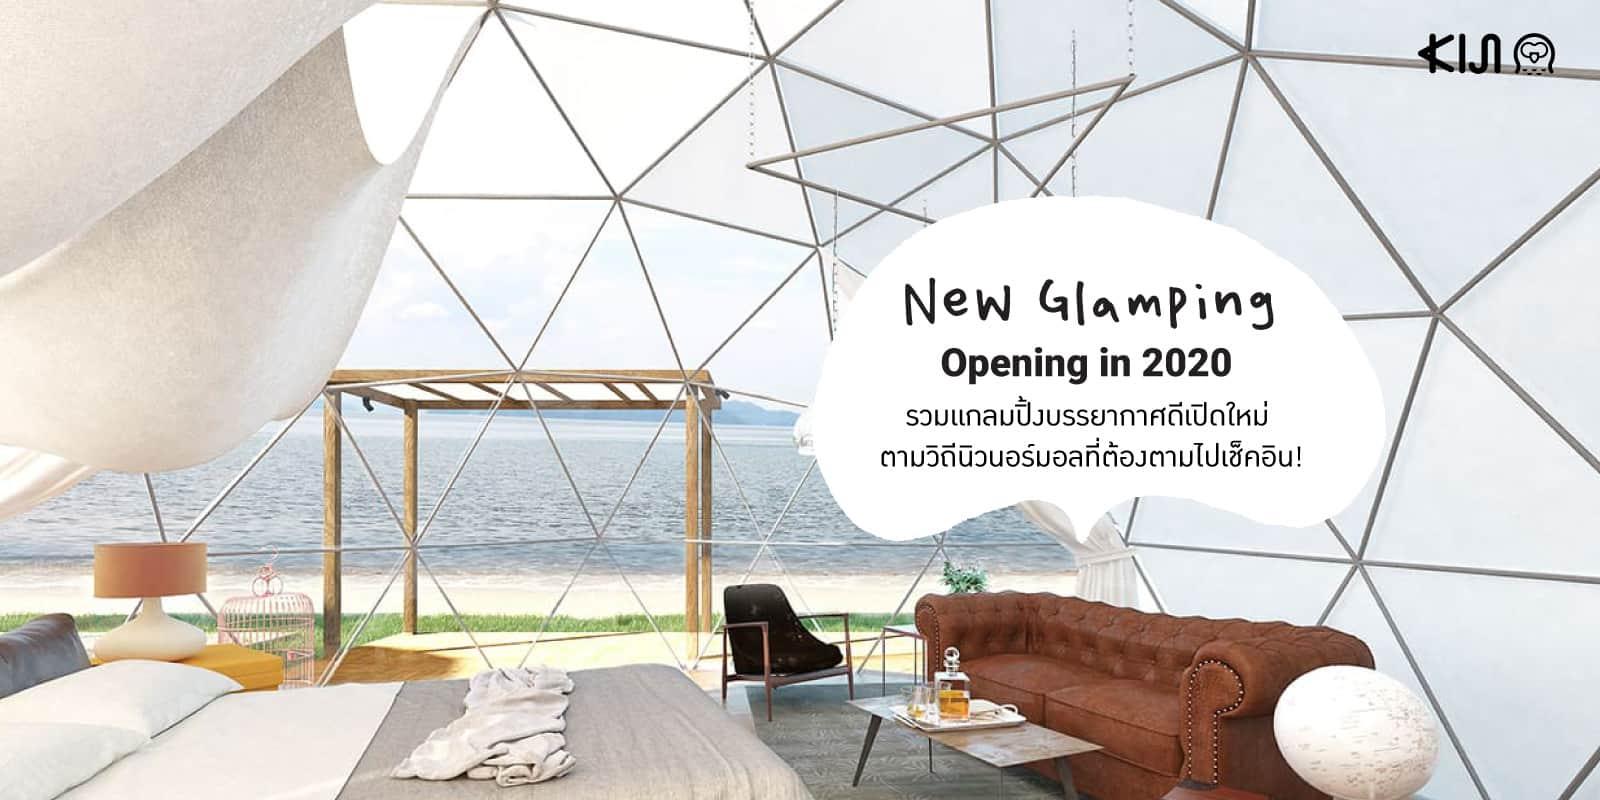 แกลมปิ้ง เปิดใหม่ที่ ญี่ปุ่น 2020